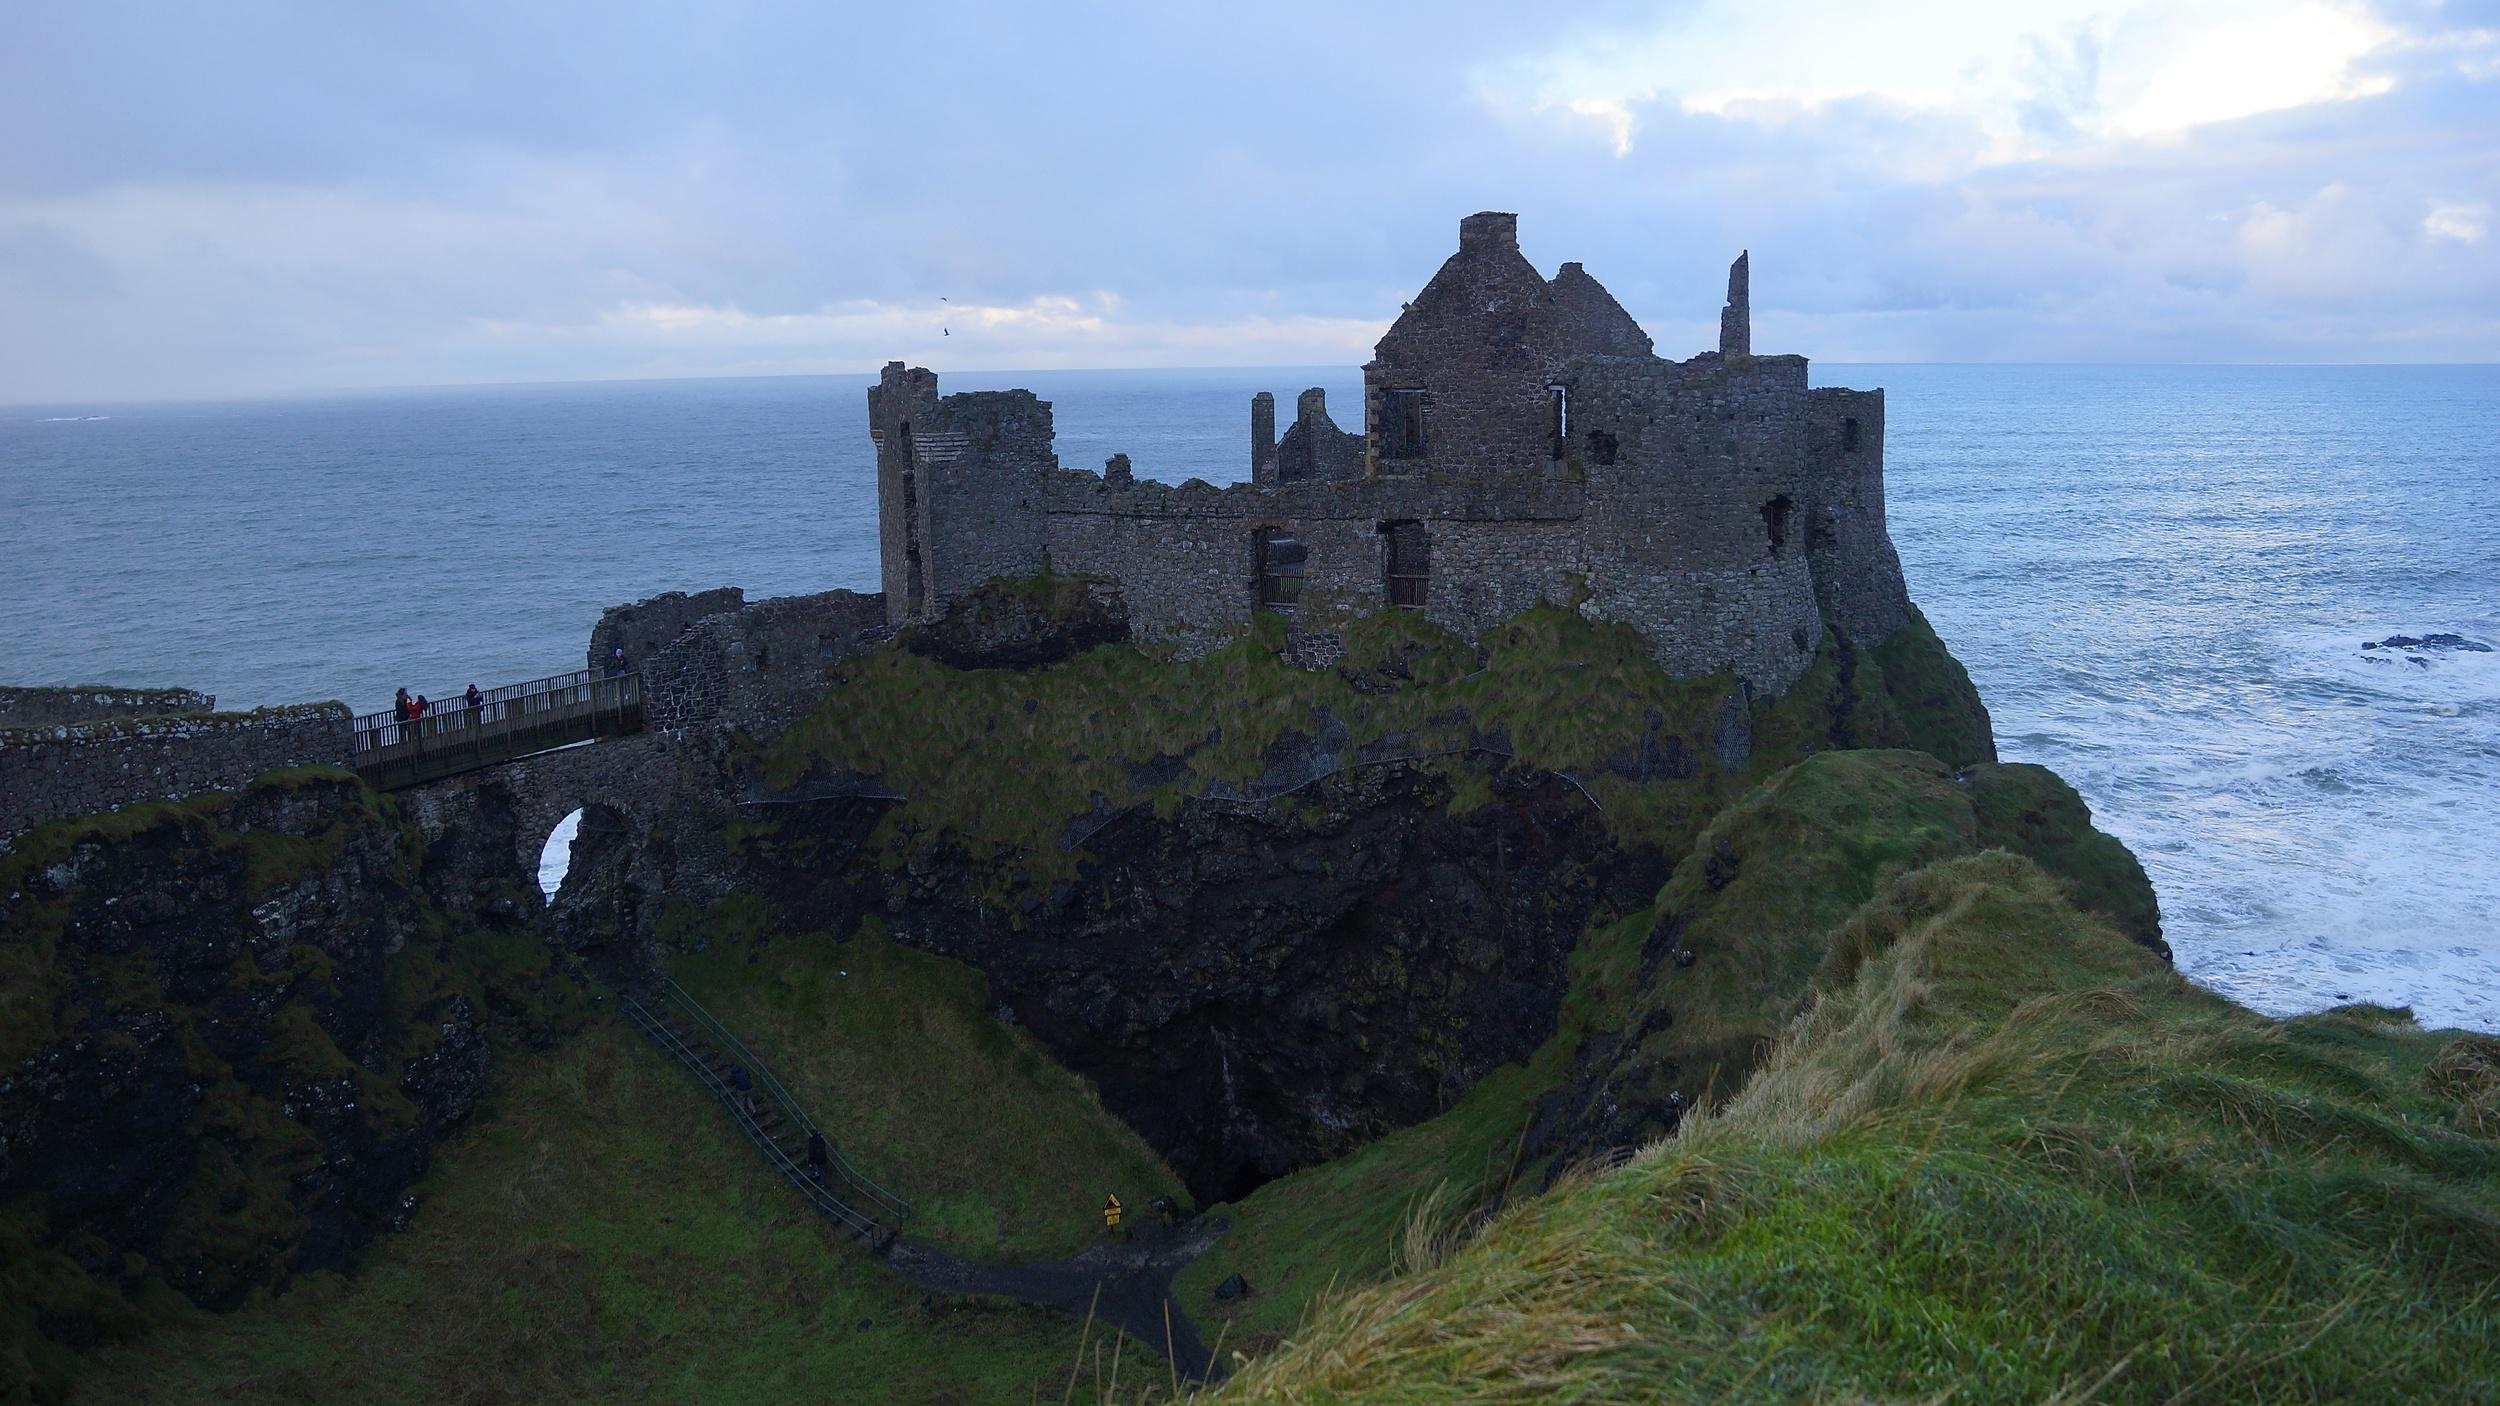 Dunluce Castle on the Causeway Coastal Route